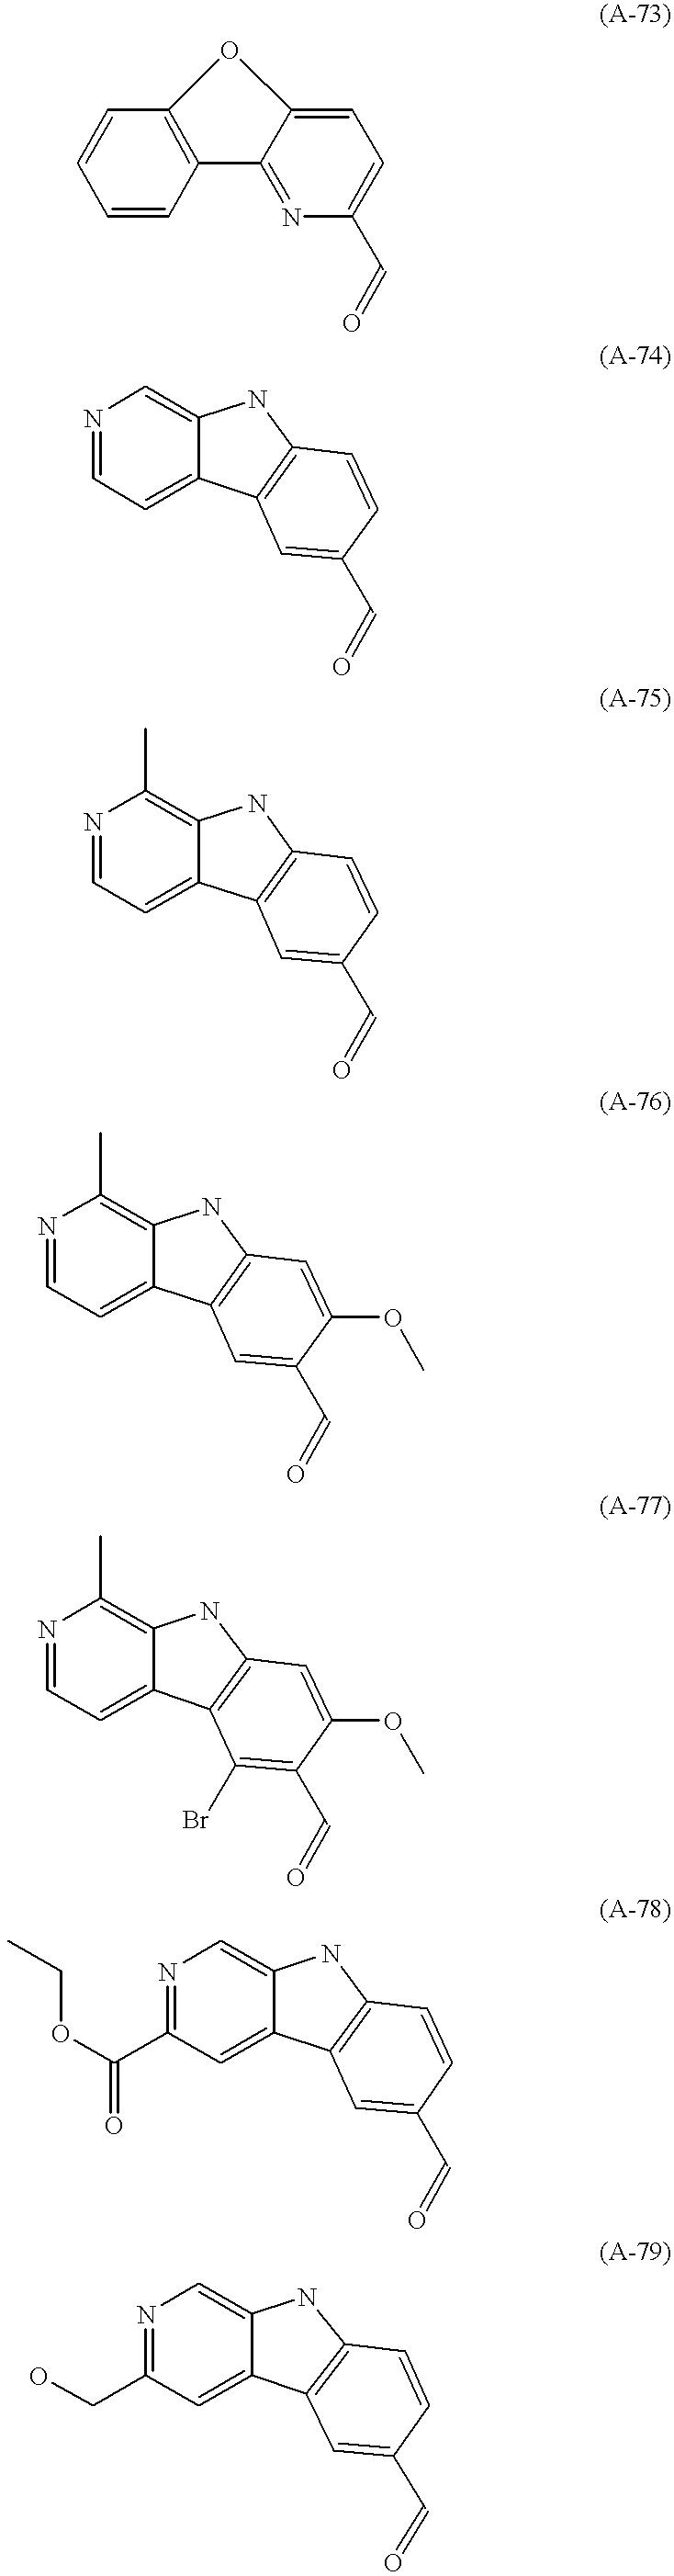 Figure US06514981-20030204-C00024